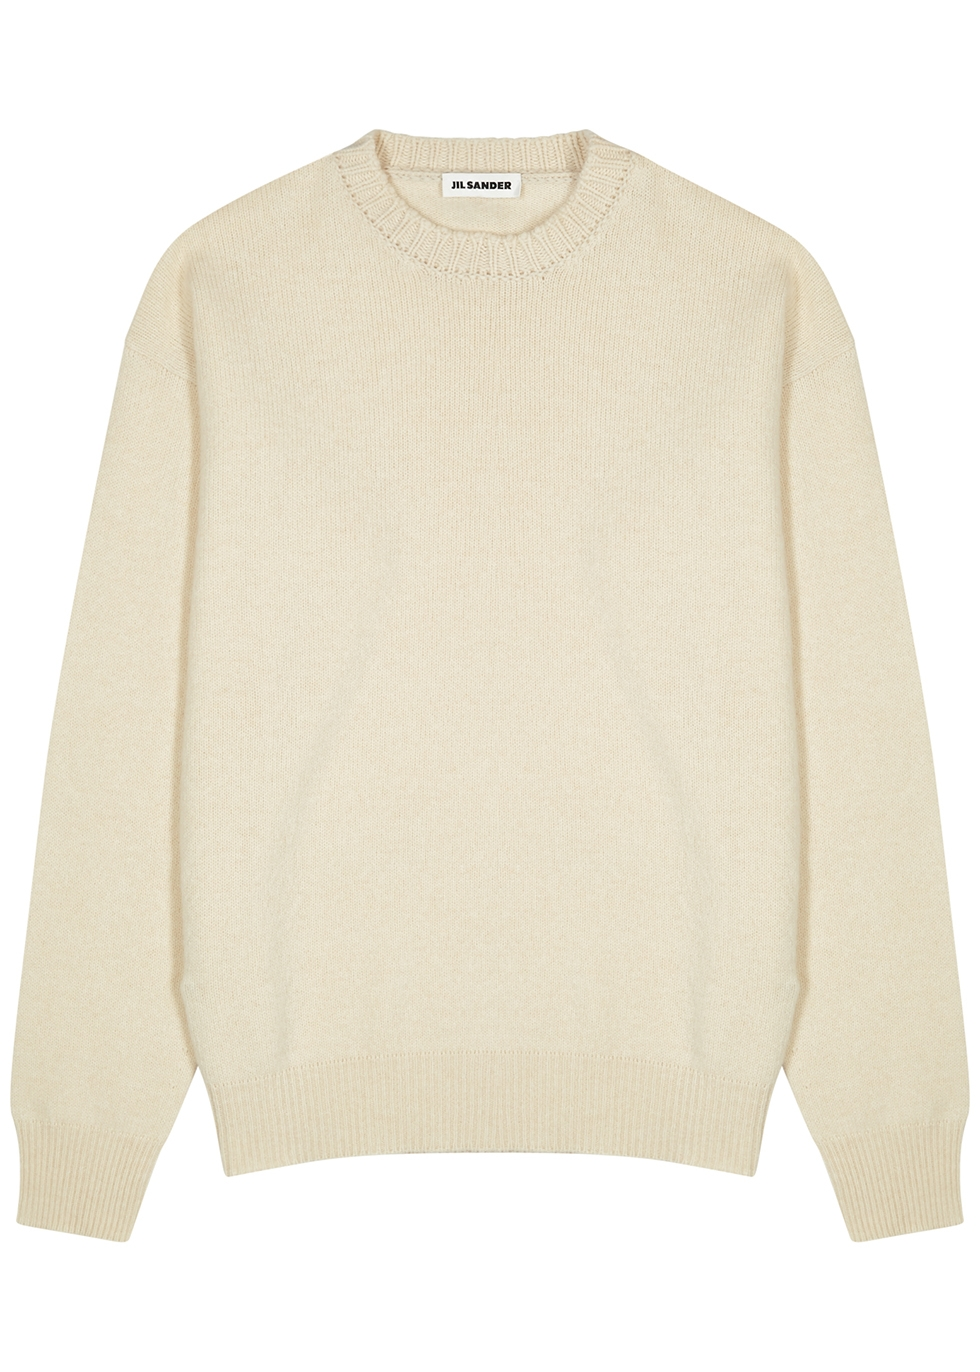 Cream wool-blend jumper